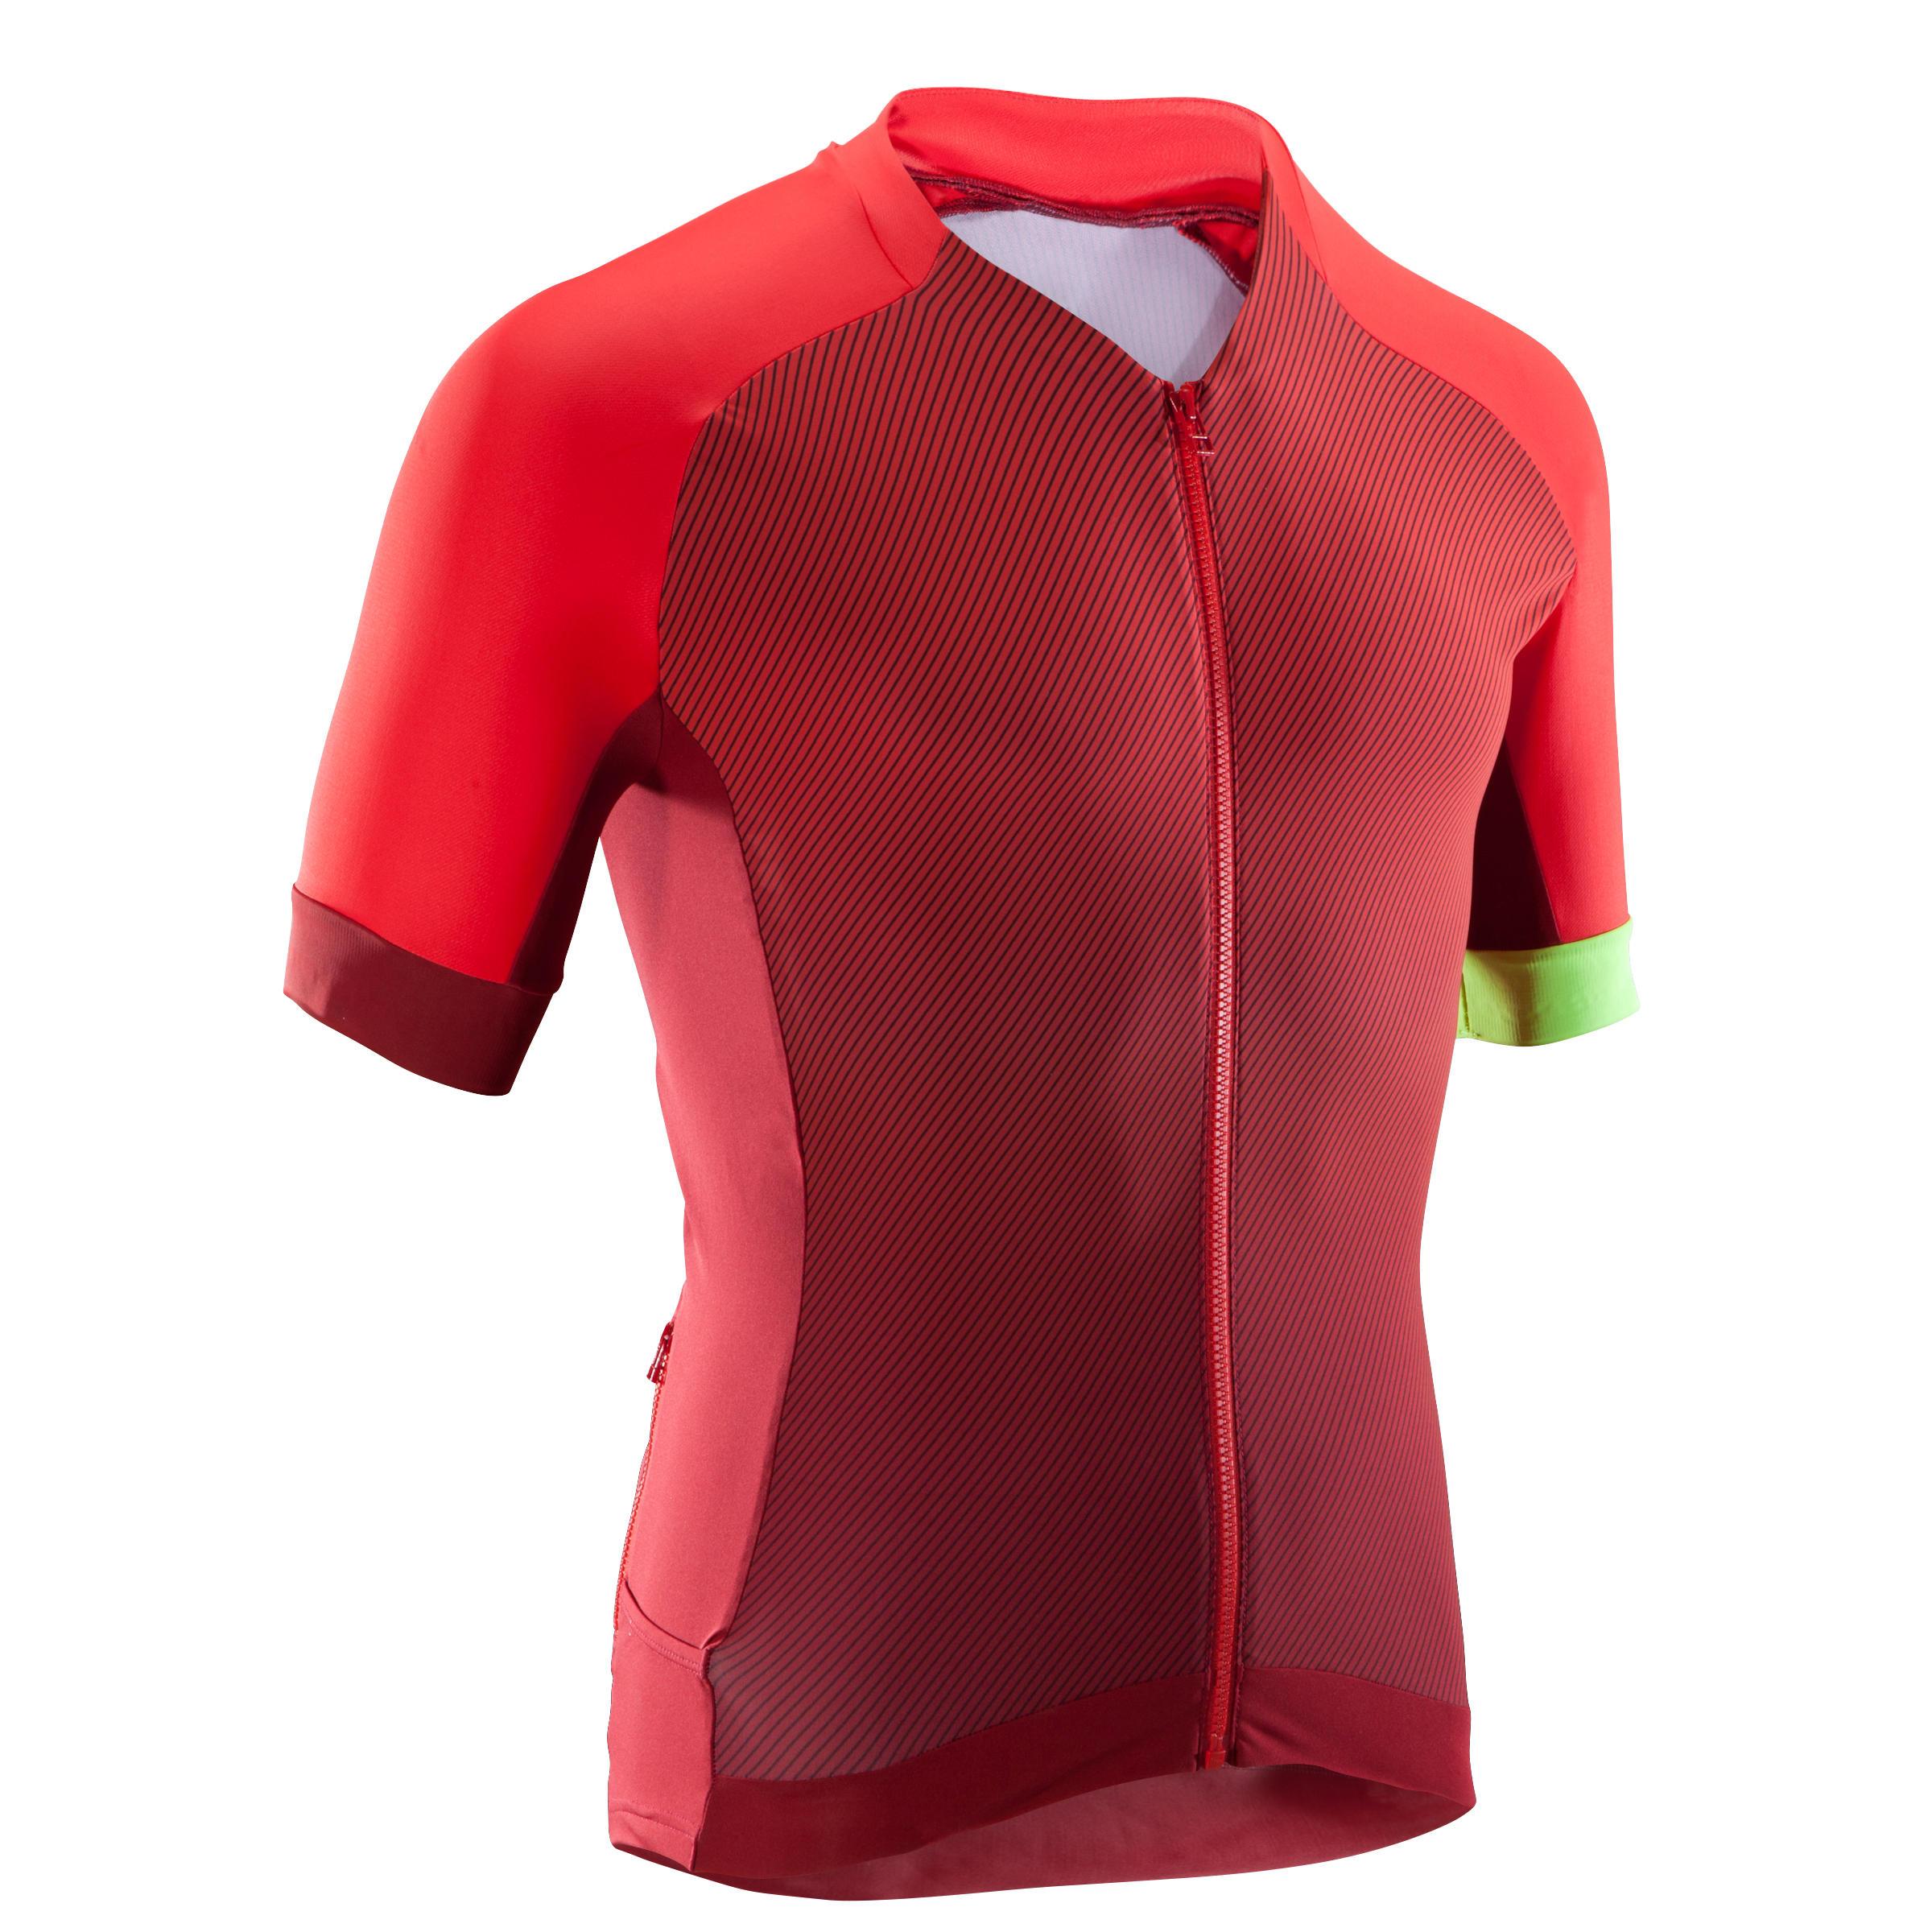 Fahrradtrikot MTB XC Light Herren rot | Sportbekleidung > Trikots > Fahrradtrikots | Rot - Gelb | Trikot | Rockrider